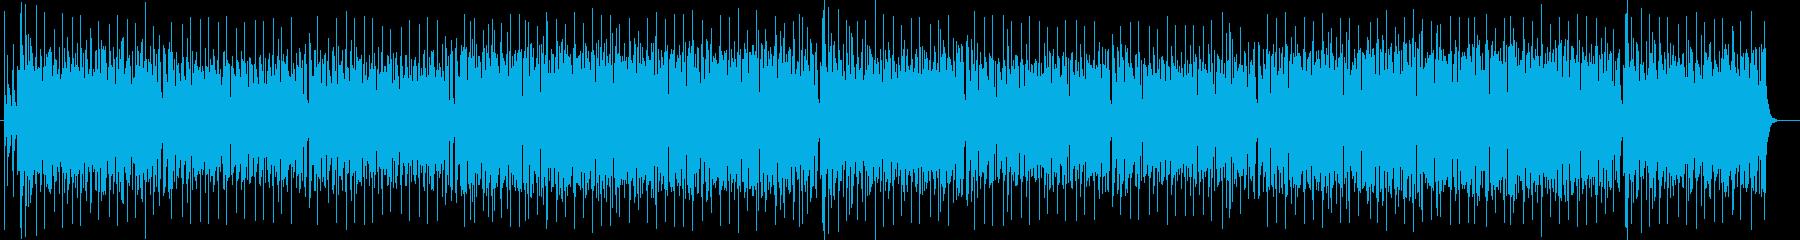 爽やかなシンセサイザー系サウンドの再生済みの波形